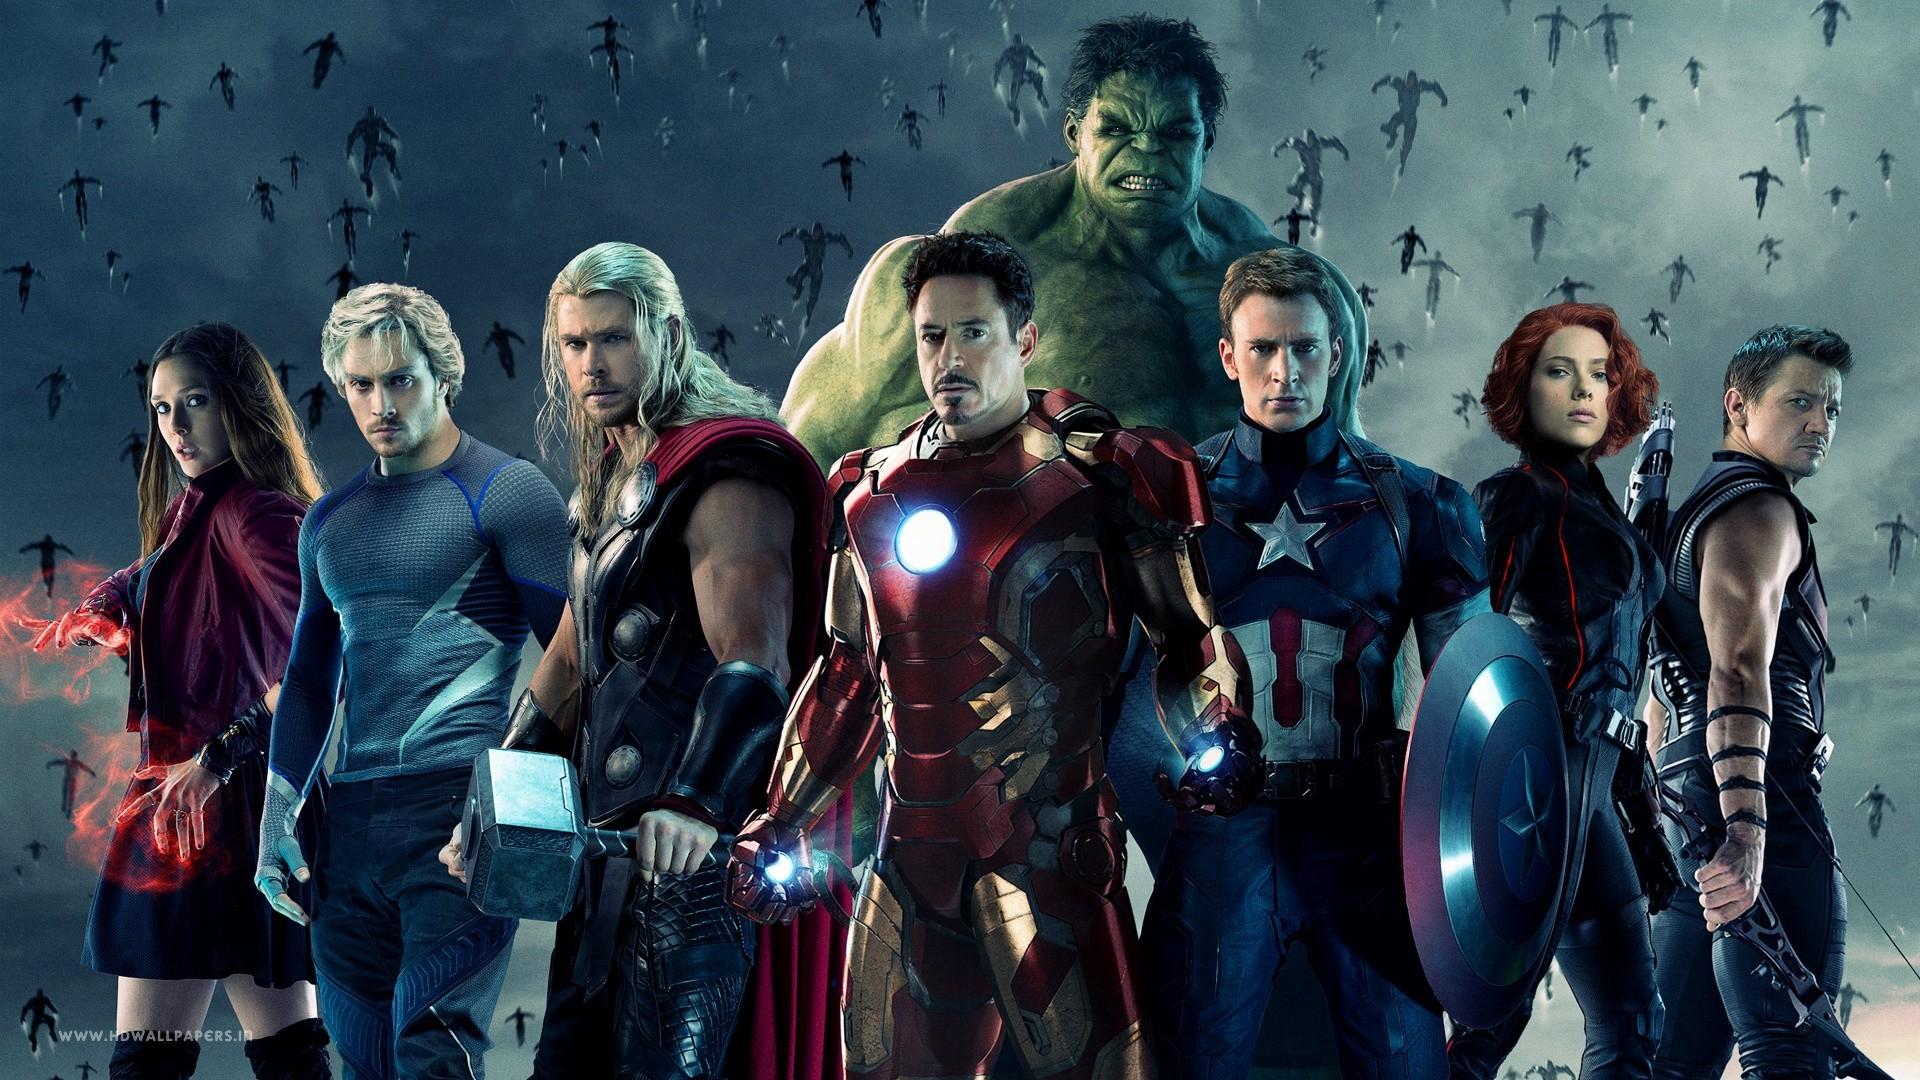 … avengers hd wallpaper